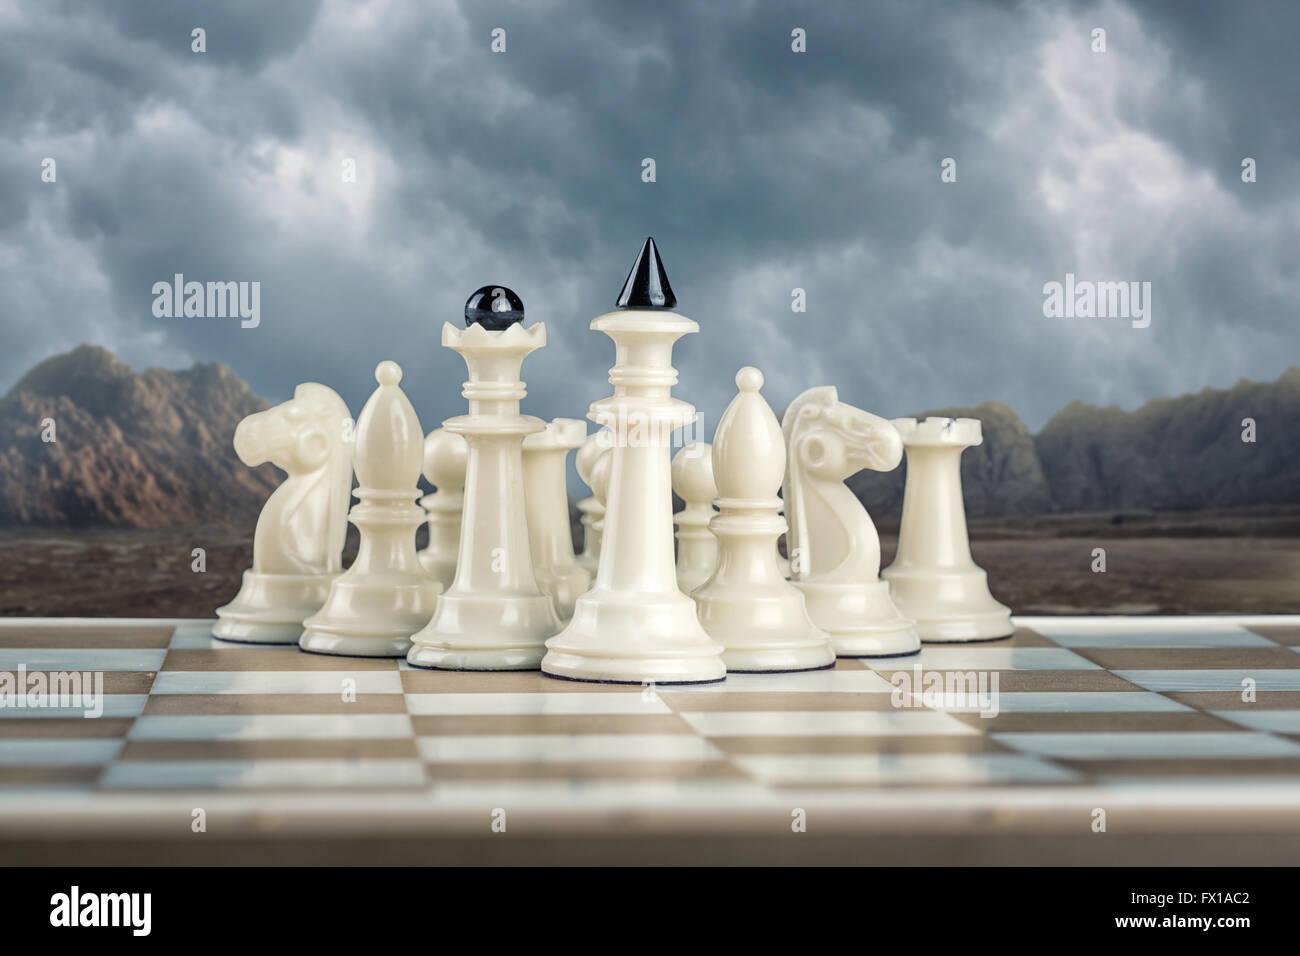 L'équipe d'échecs blanc Banque D'Images